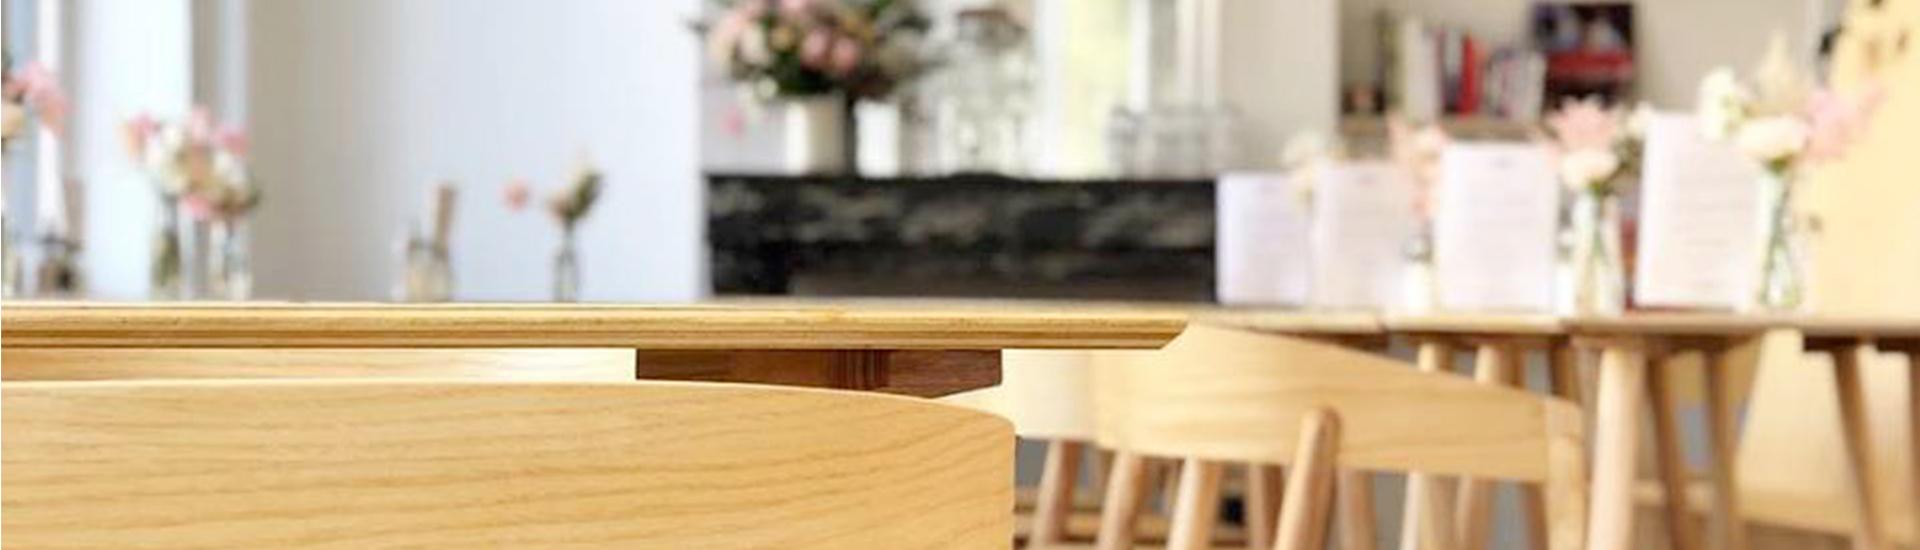 les cachotteries de lille blog lillois de bonnes adresses part 21. Black Bedroom Furniture Sets. Home Design Ideas